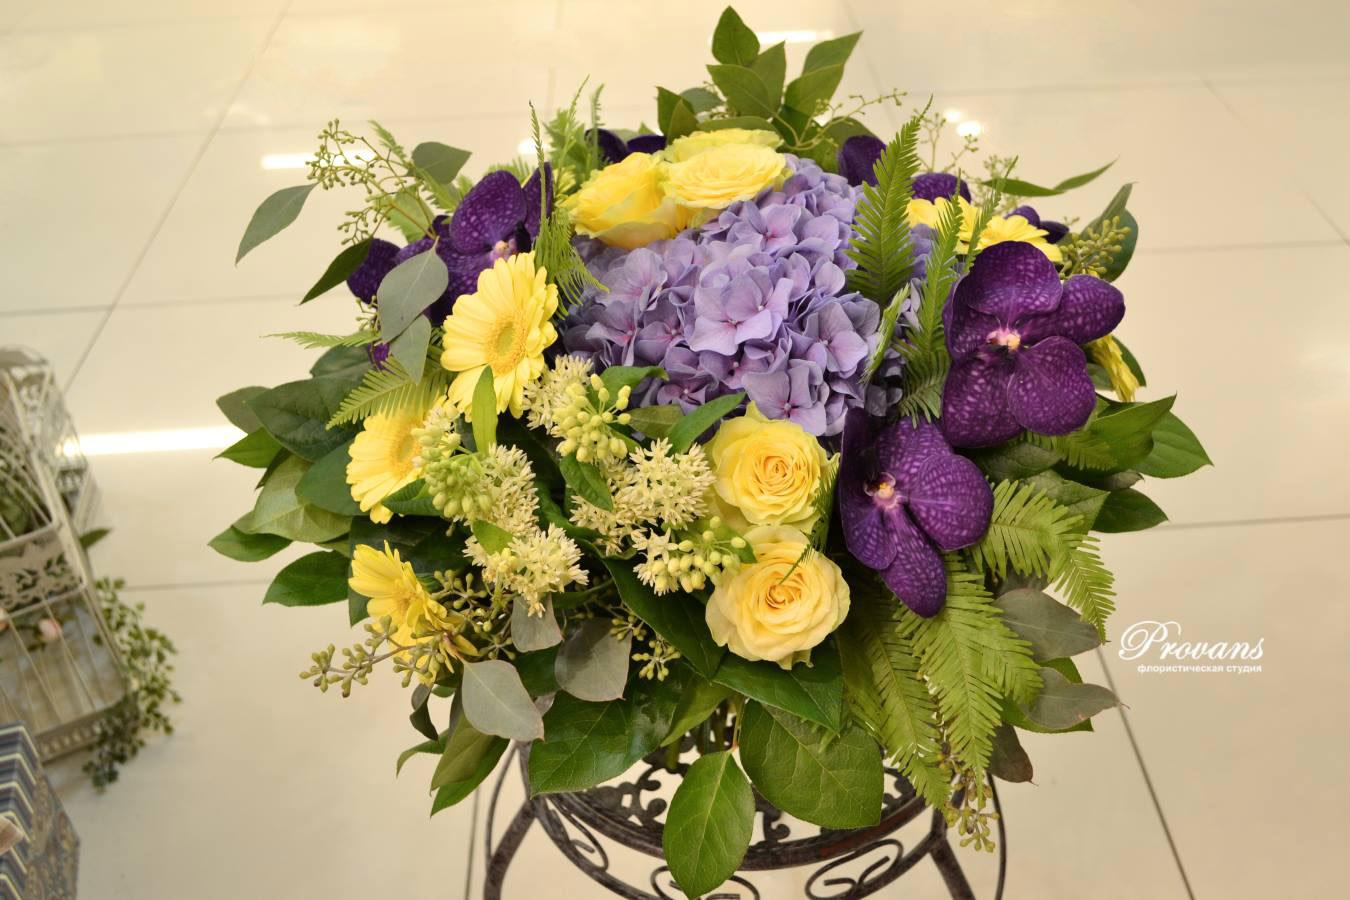 Шикарный букет. Гортензия, орхидея, розы, герберы